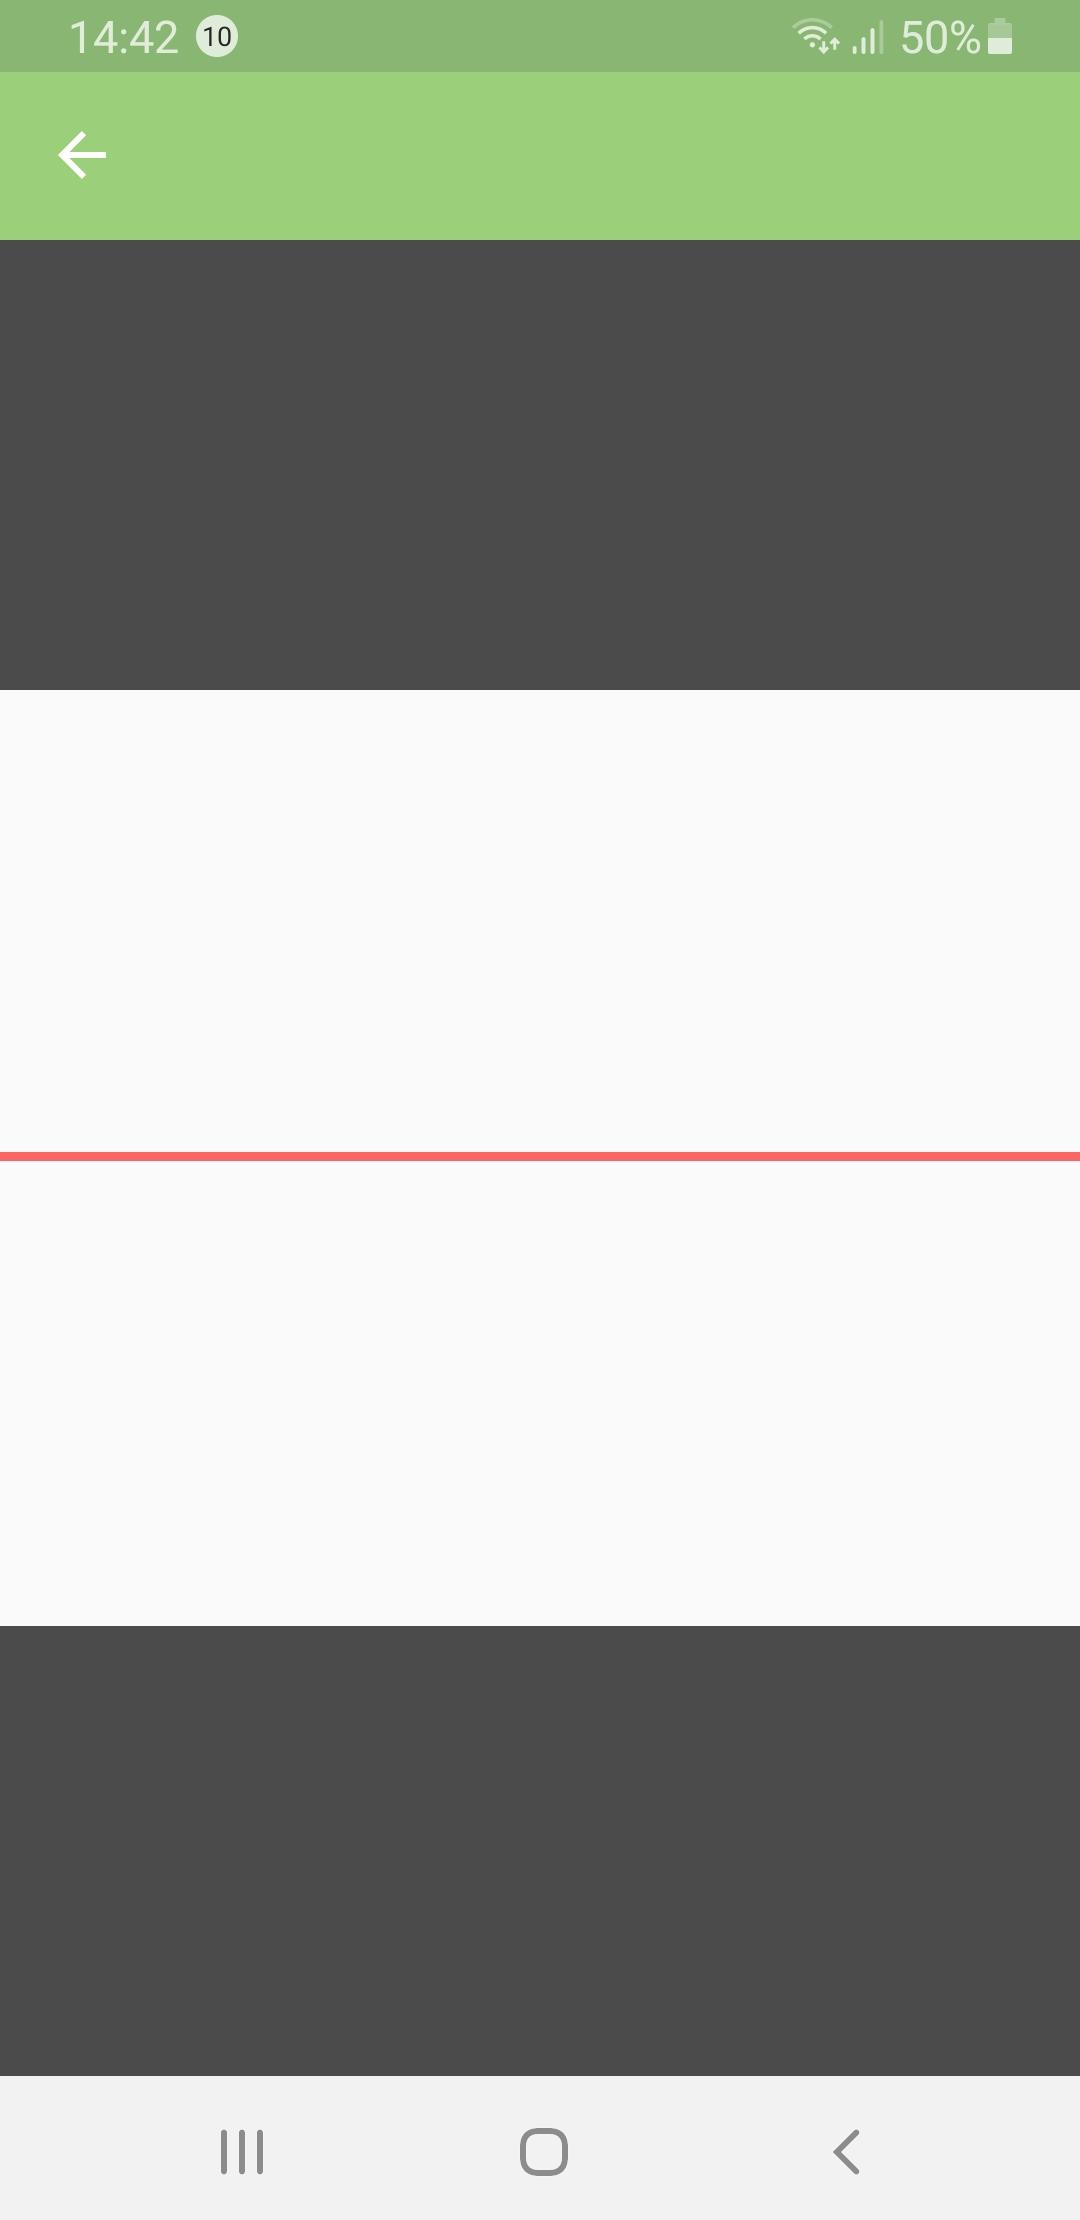 Fehler nach Installation vor Schliessen und Öffnen der App